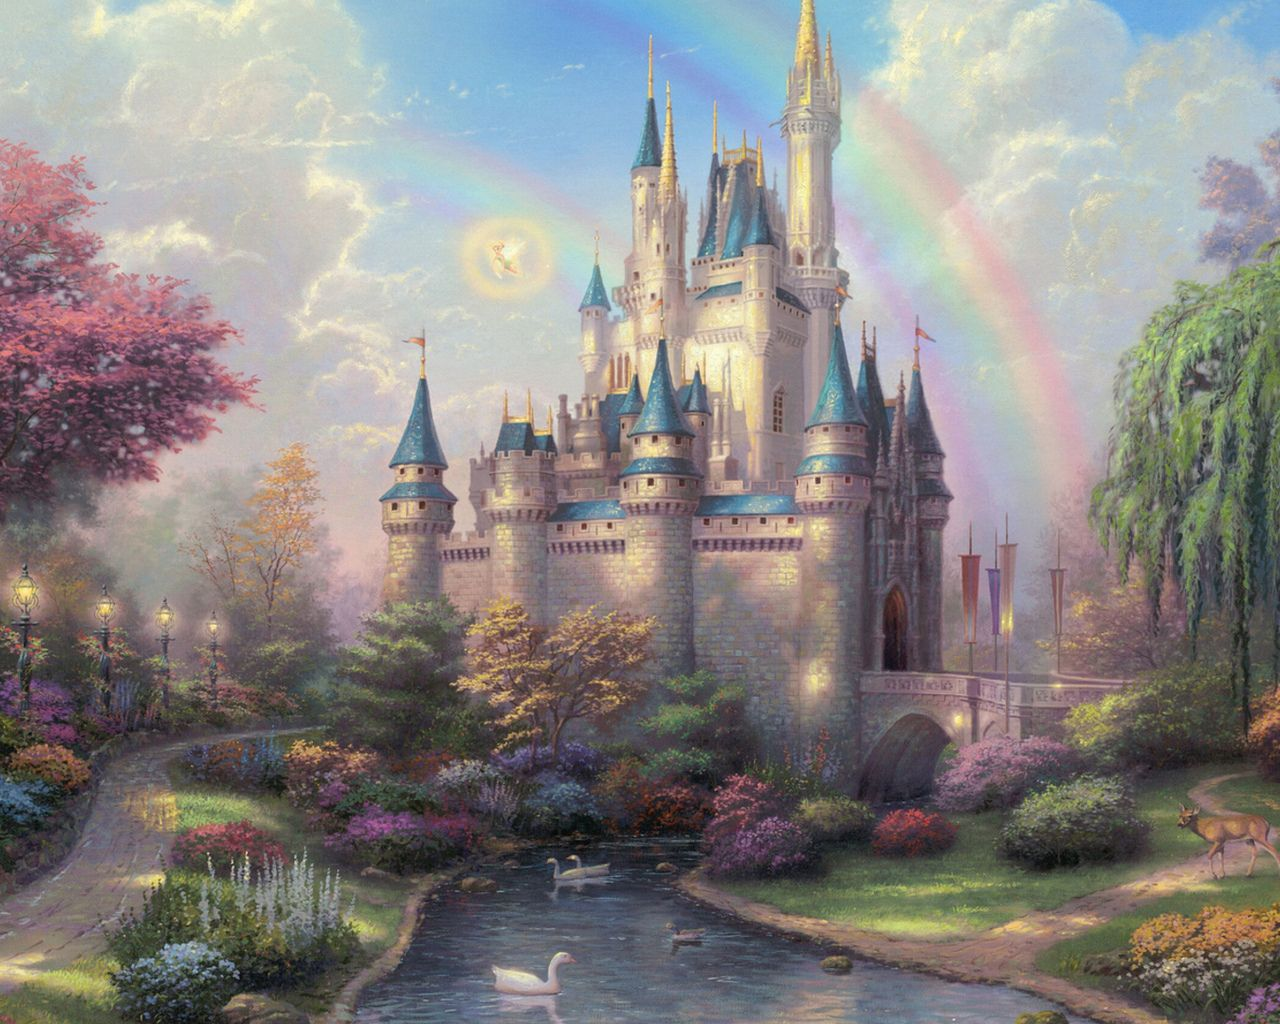 волшебные замки фэнтези - Поиск в Google | Томас кинкейд ...